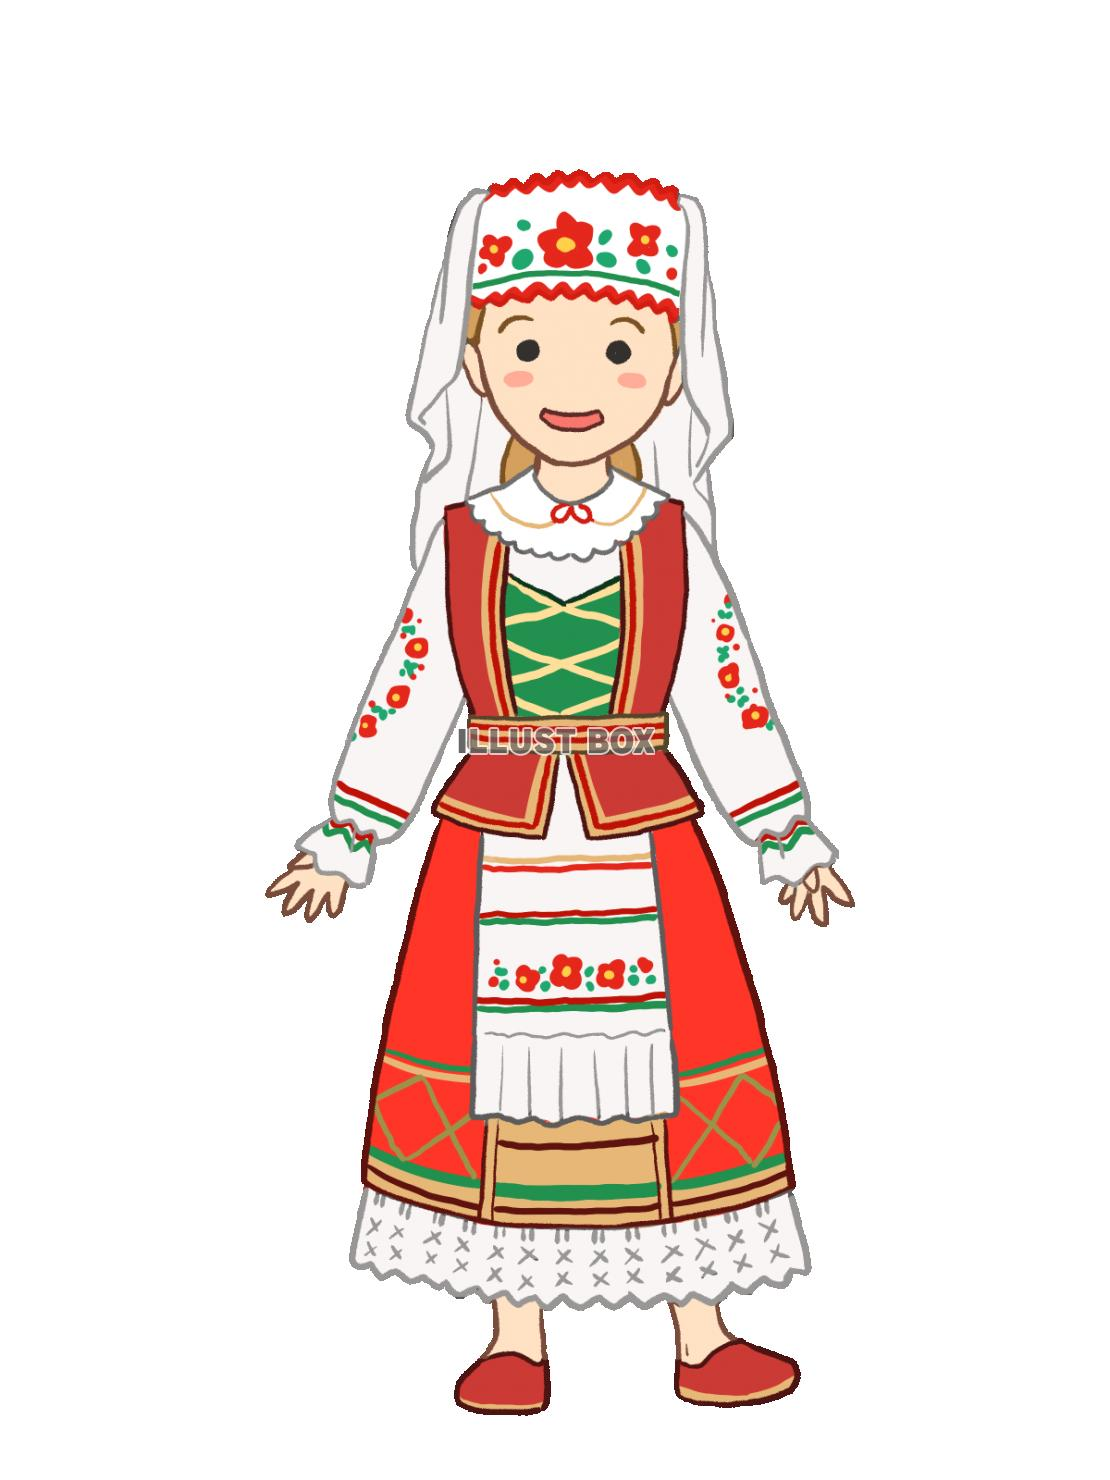 無料イラスト ベラルーシ民族衣装